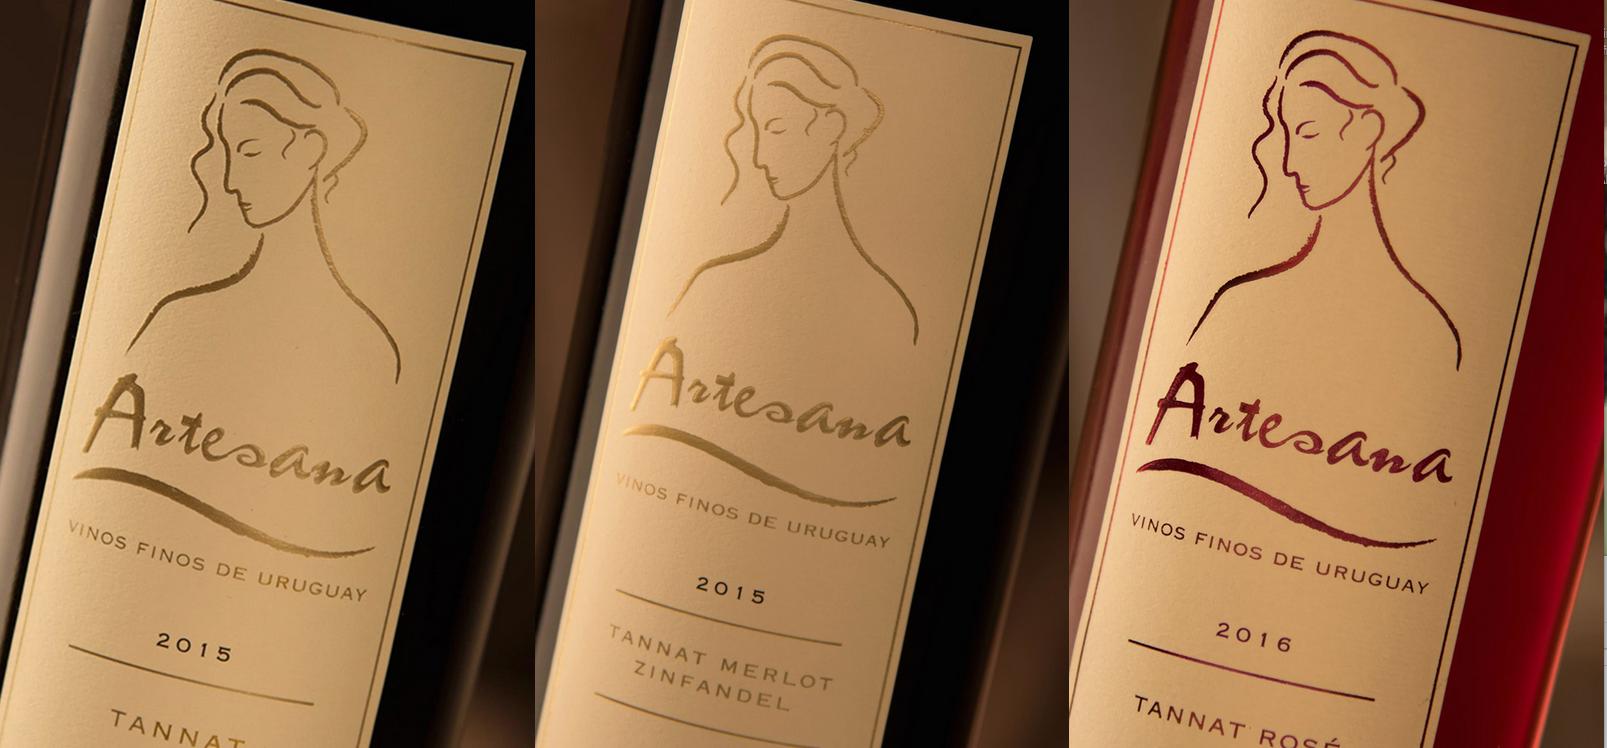 Artesana- 3-Bottles.png